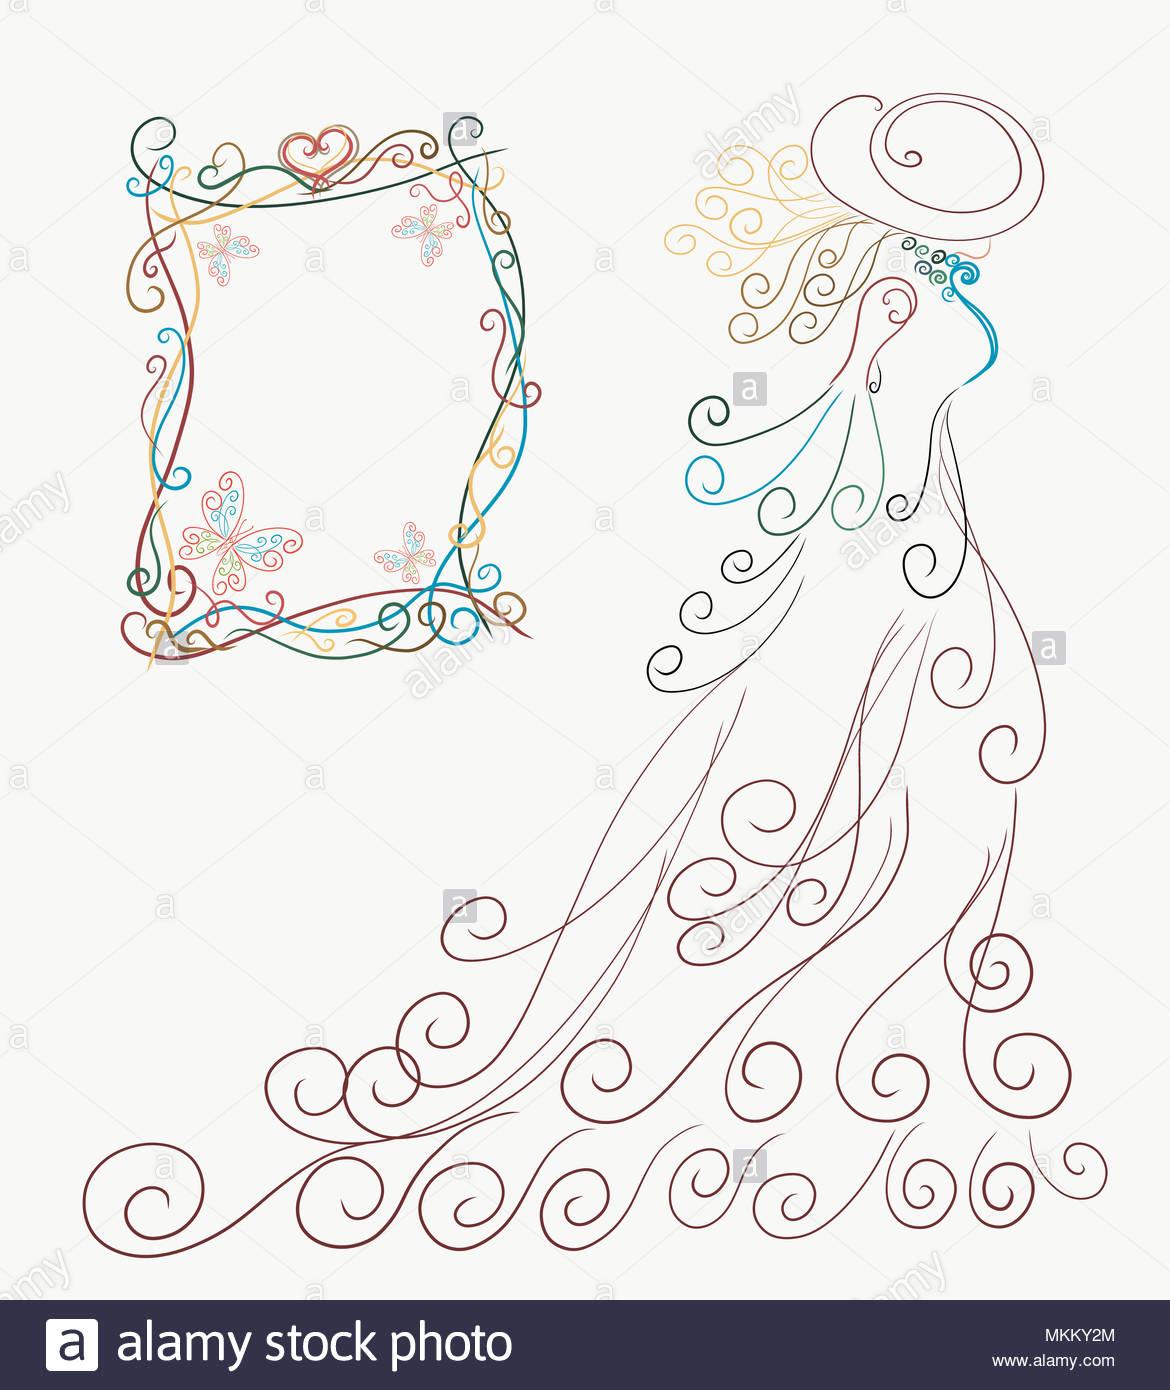 Karte, elegante Silhouette einer Dame in einem wunderschönen Kleid ...